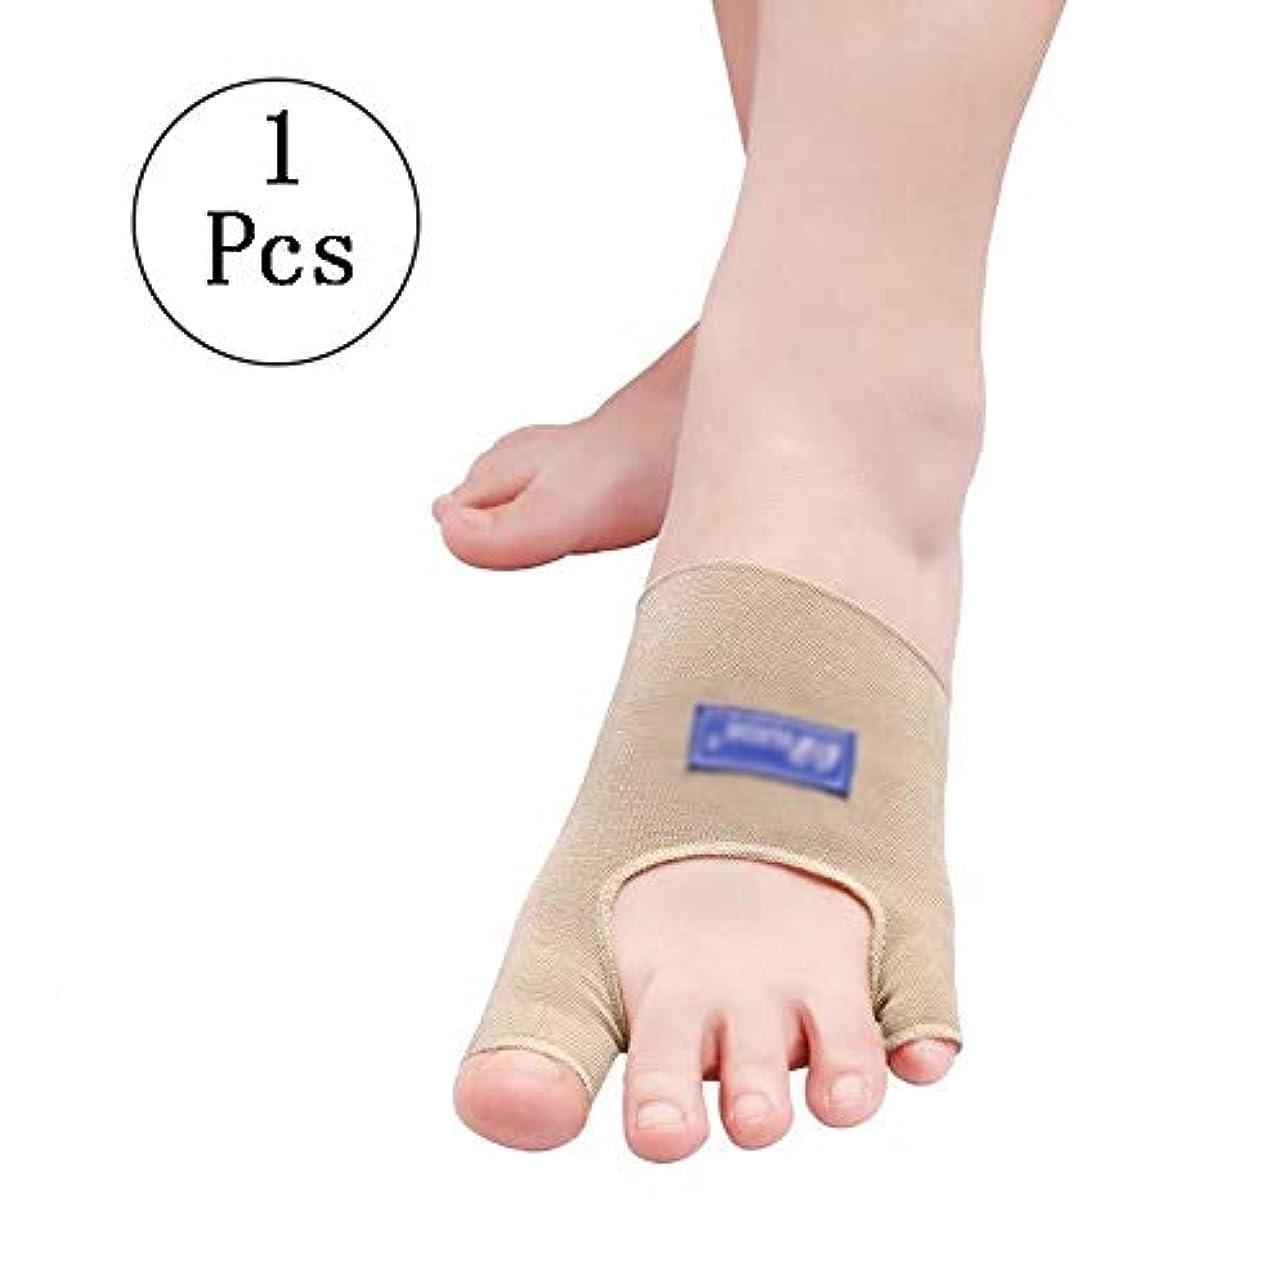 建てるシャンプーアコーGRX-DDYつま先つま先外反スプレッダー大きな足骨装具包帯快適な通気性の高い弾力性は、つま先の痛みの痛みを和らげます,RightFoot